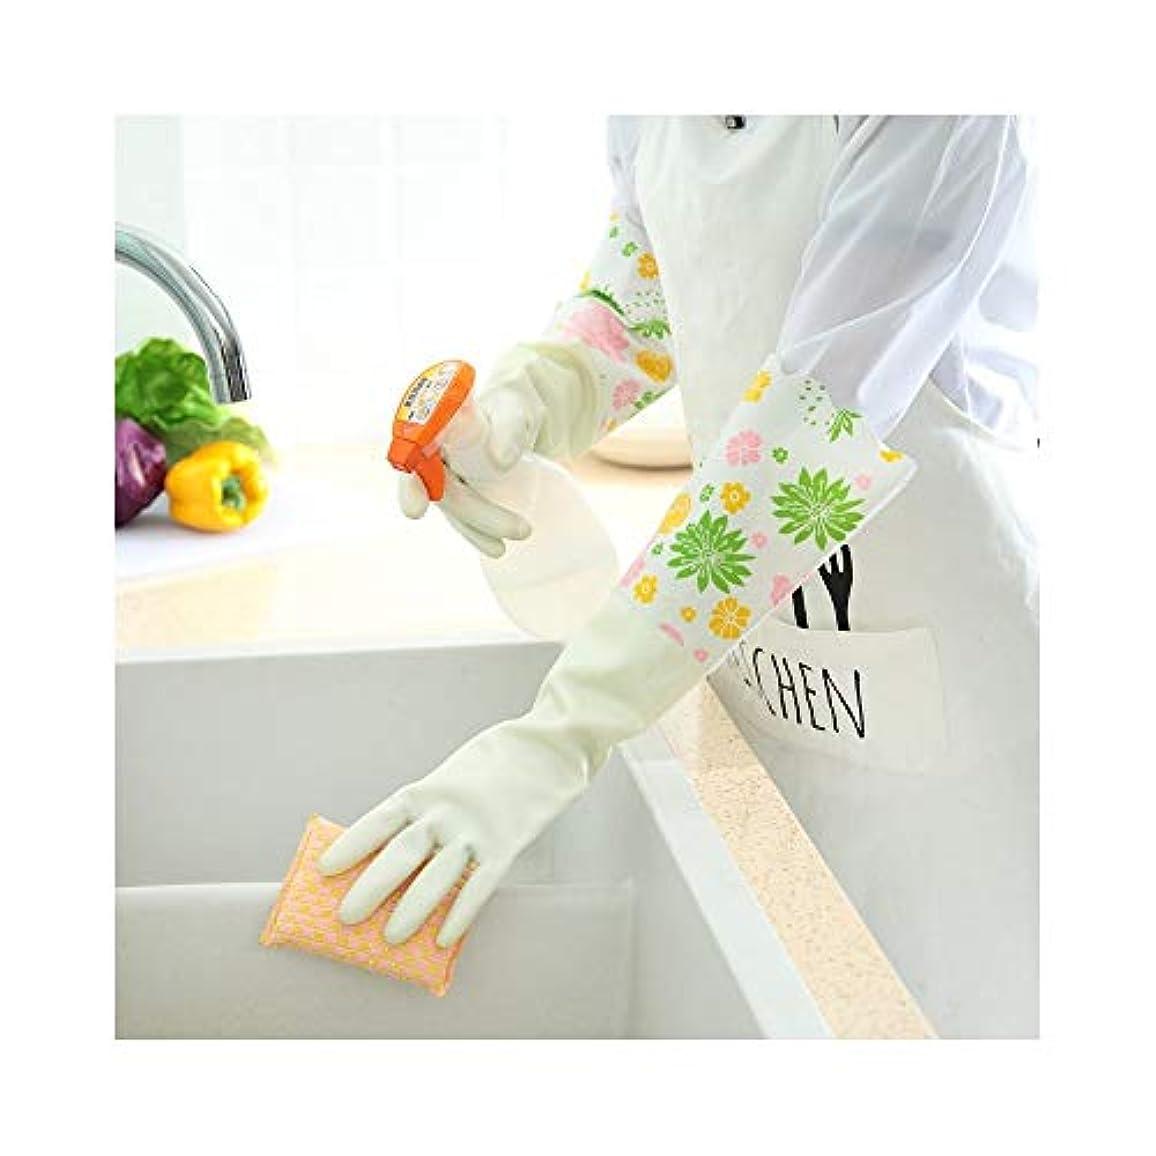 警告家事プランター使い捨て手袋 キッチン用手袋防水性と耐久性のあるゴム製家事用手袋、1ペア ニトリルゴム手袋 (Color : GREEN, Size : L)